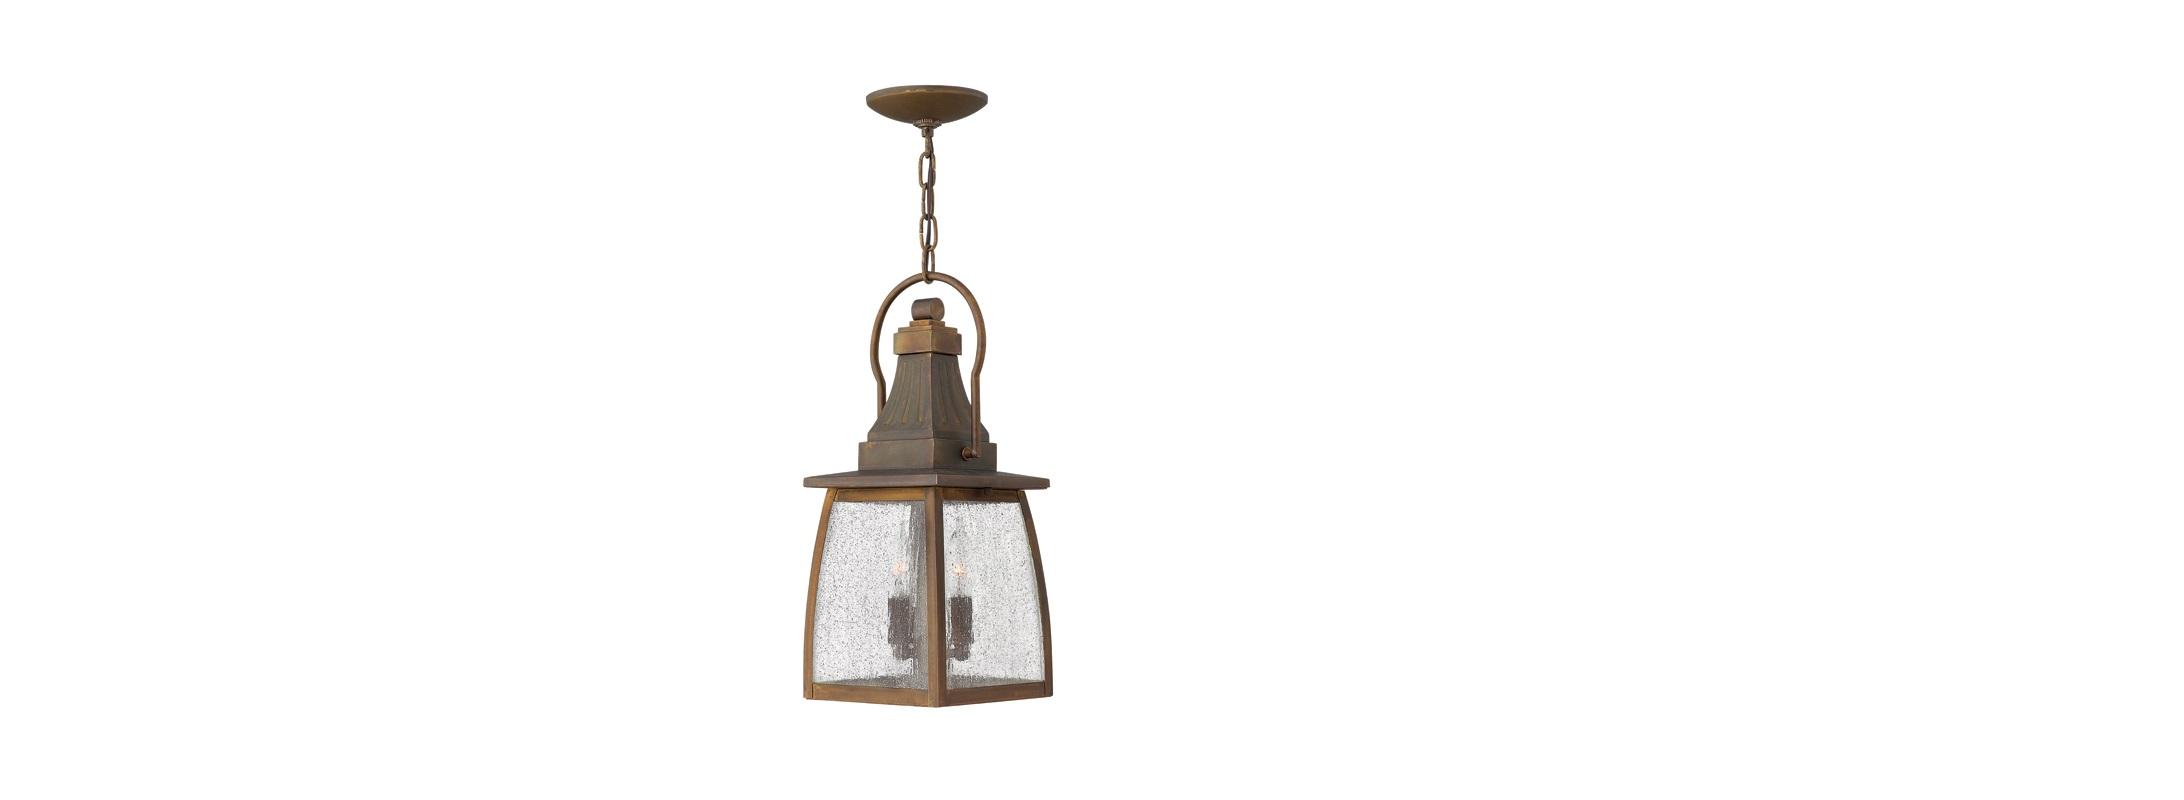 Подвесной фонарь Hinkely LightingУличные подвесные и потолочные светильники<br>Цоколь: E14.&amp;lt;div&amp;gt;Мощность: 60W.&amp;lt;/div&amp;gt;&amp;lt;div&amp;gt;Количество ламп: 2.&amp;lt;/div&amp;gt;&amp;lt;div&amp;gt;Цвет: охра.&amp;lt;/div&amp;gt;<br><br>Material: Металл<br>Ширина см: 17<br>Высота см: 52